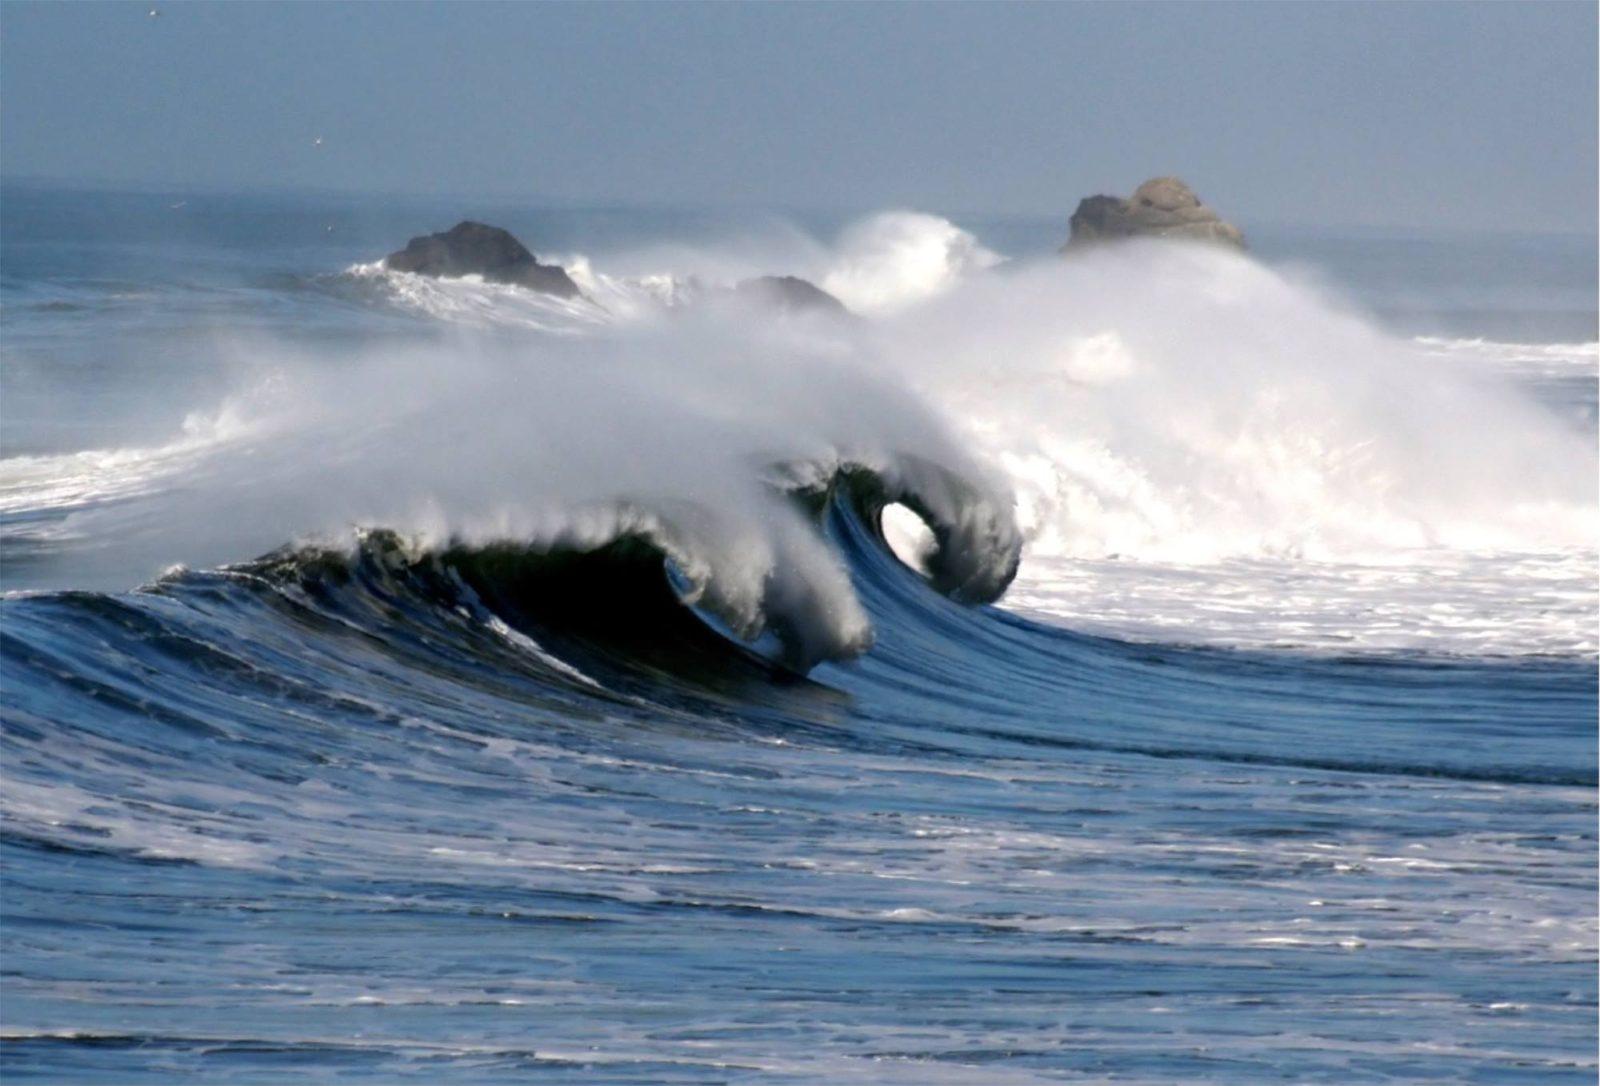 Image of Ocean Waves Crashing